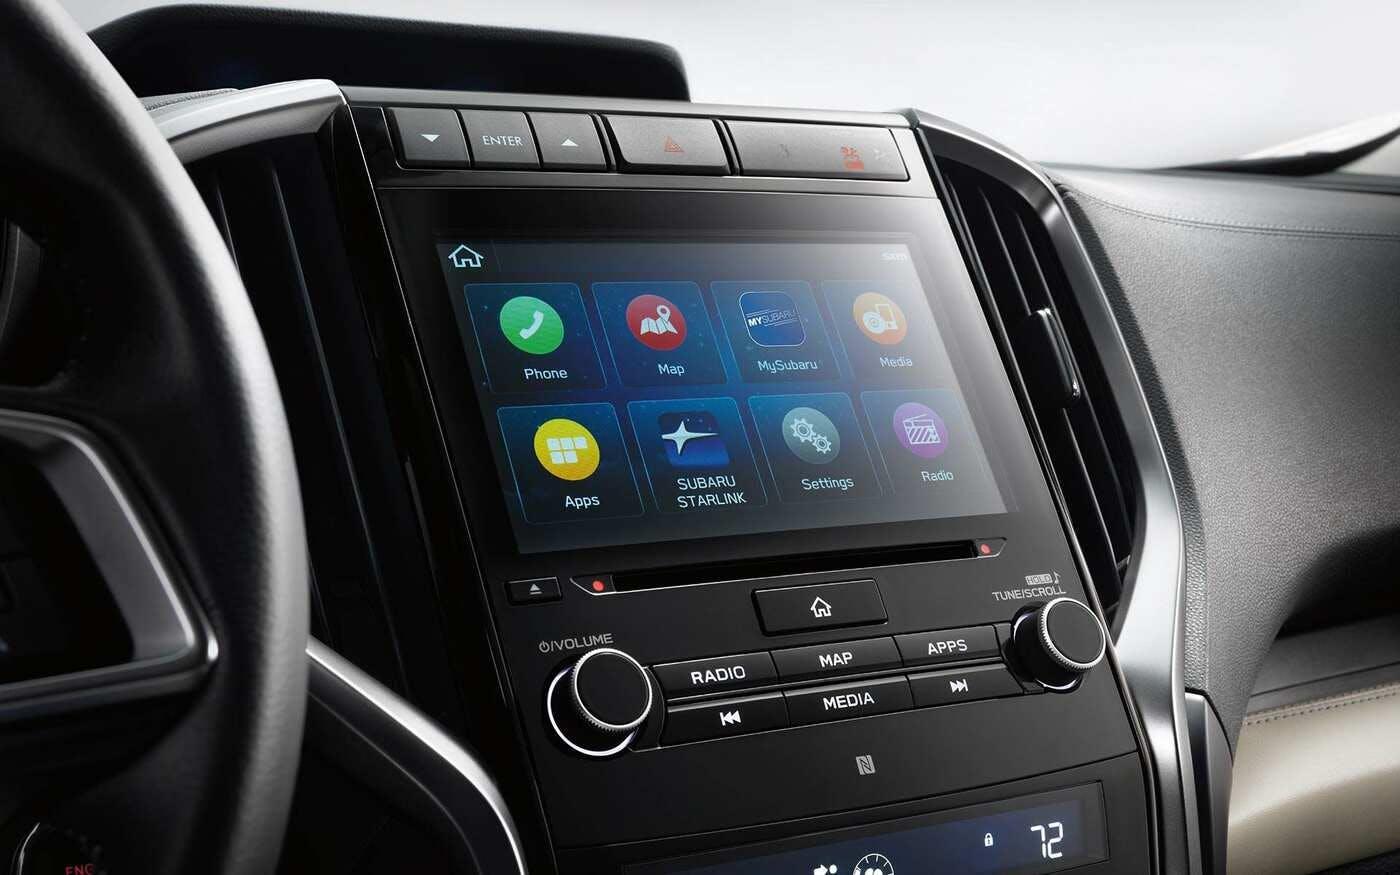 2020 Subaru Ascent Premium Interior - Cars Trend Today